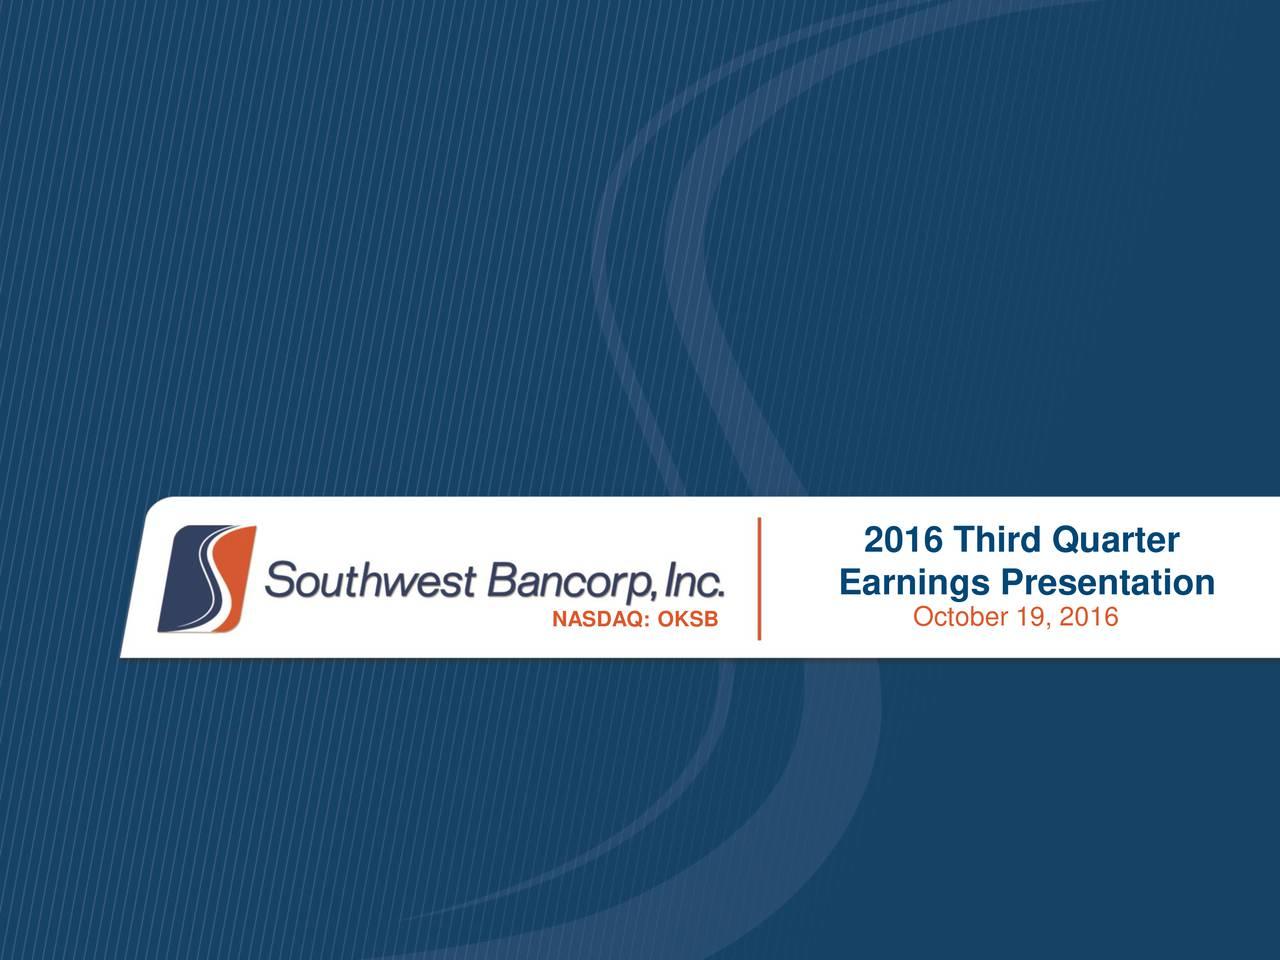 Earnings Presentation NASDAQ: OKSB October 19, 2016